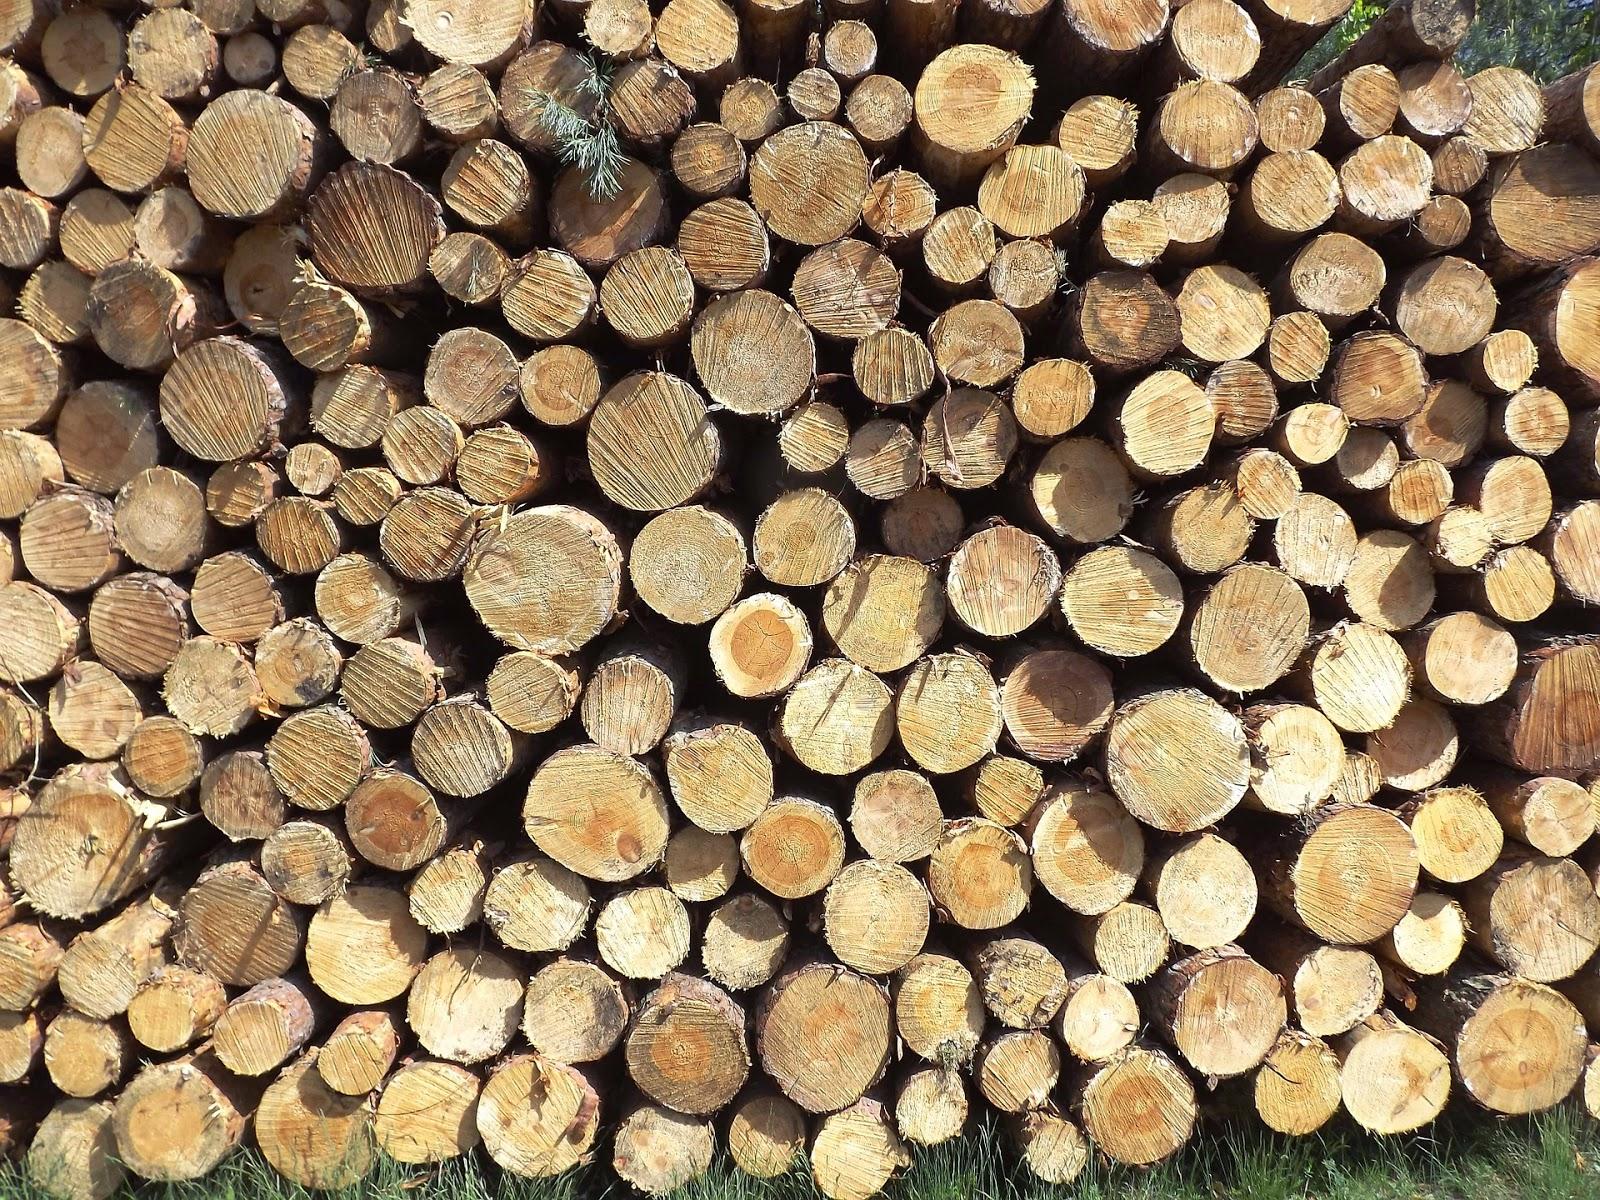 Πώς μπορούμε να ελέγξουμε τα ξύλα που αγοράζουμε για το τζάκι μας ή την σόμπα;